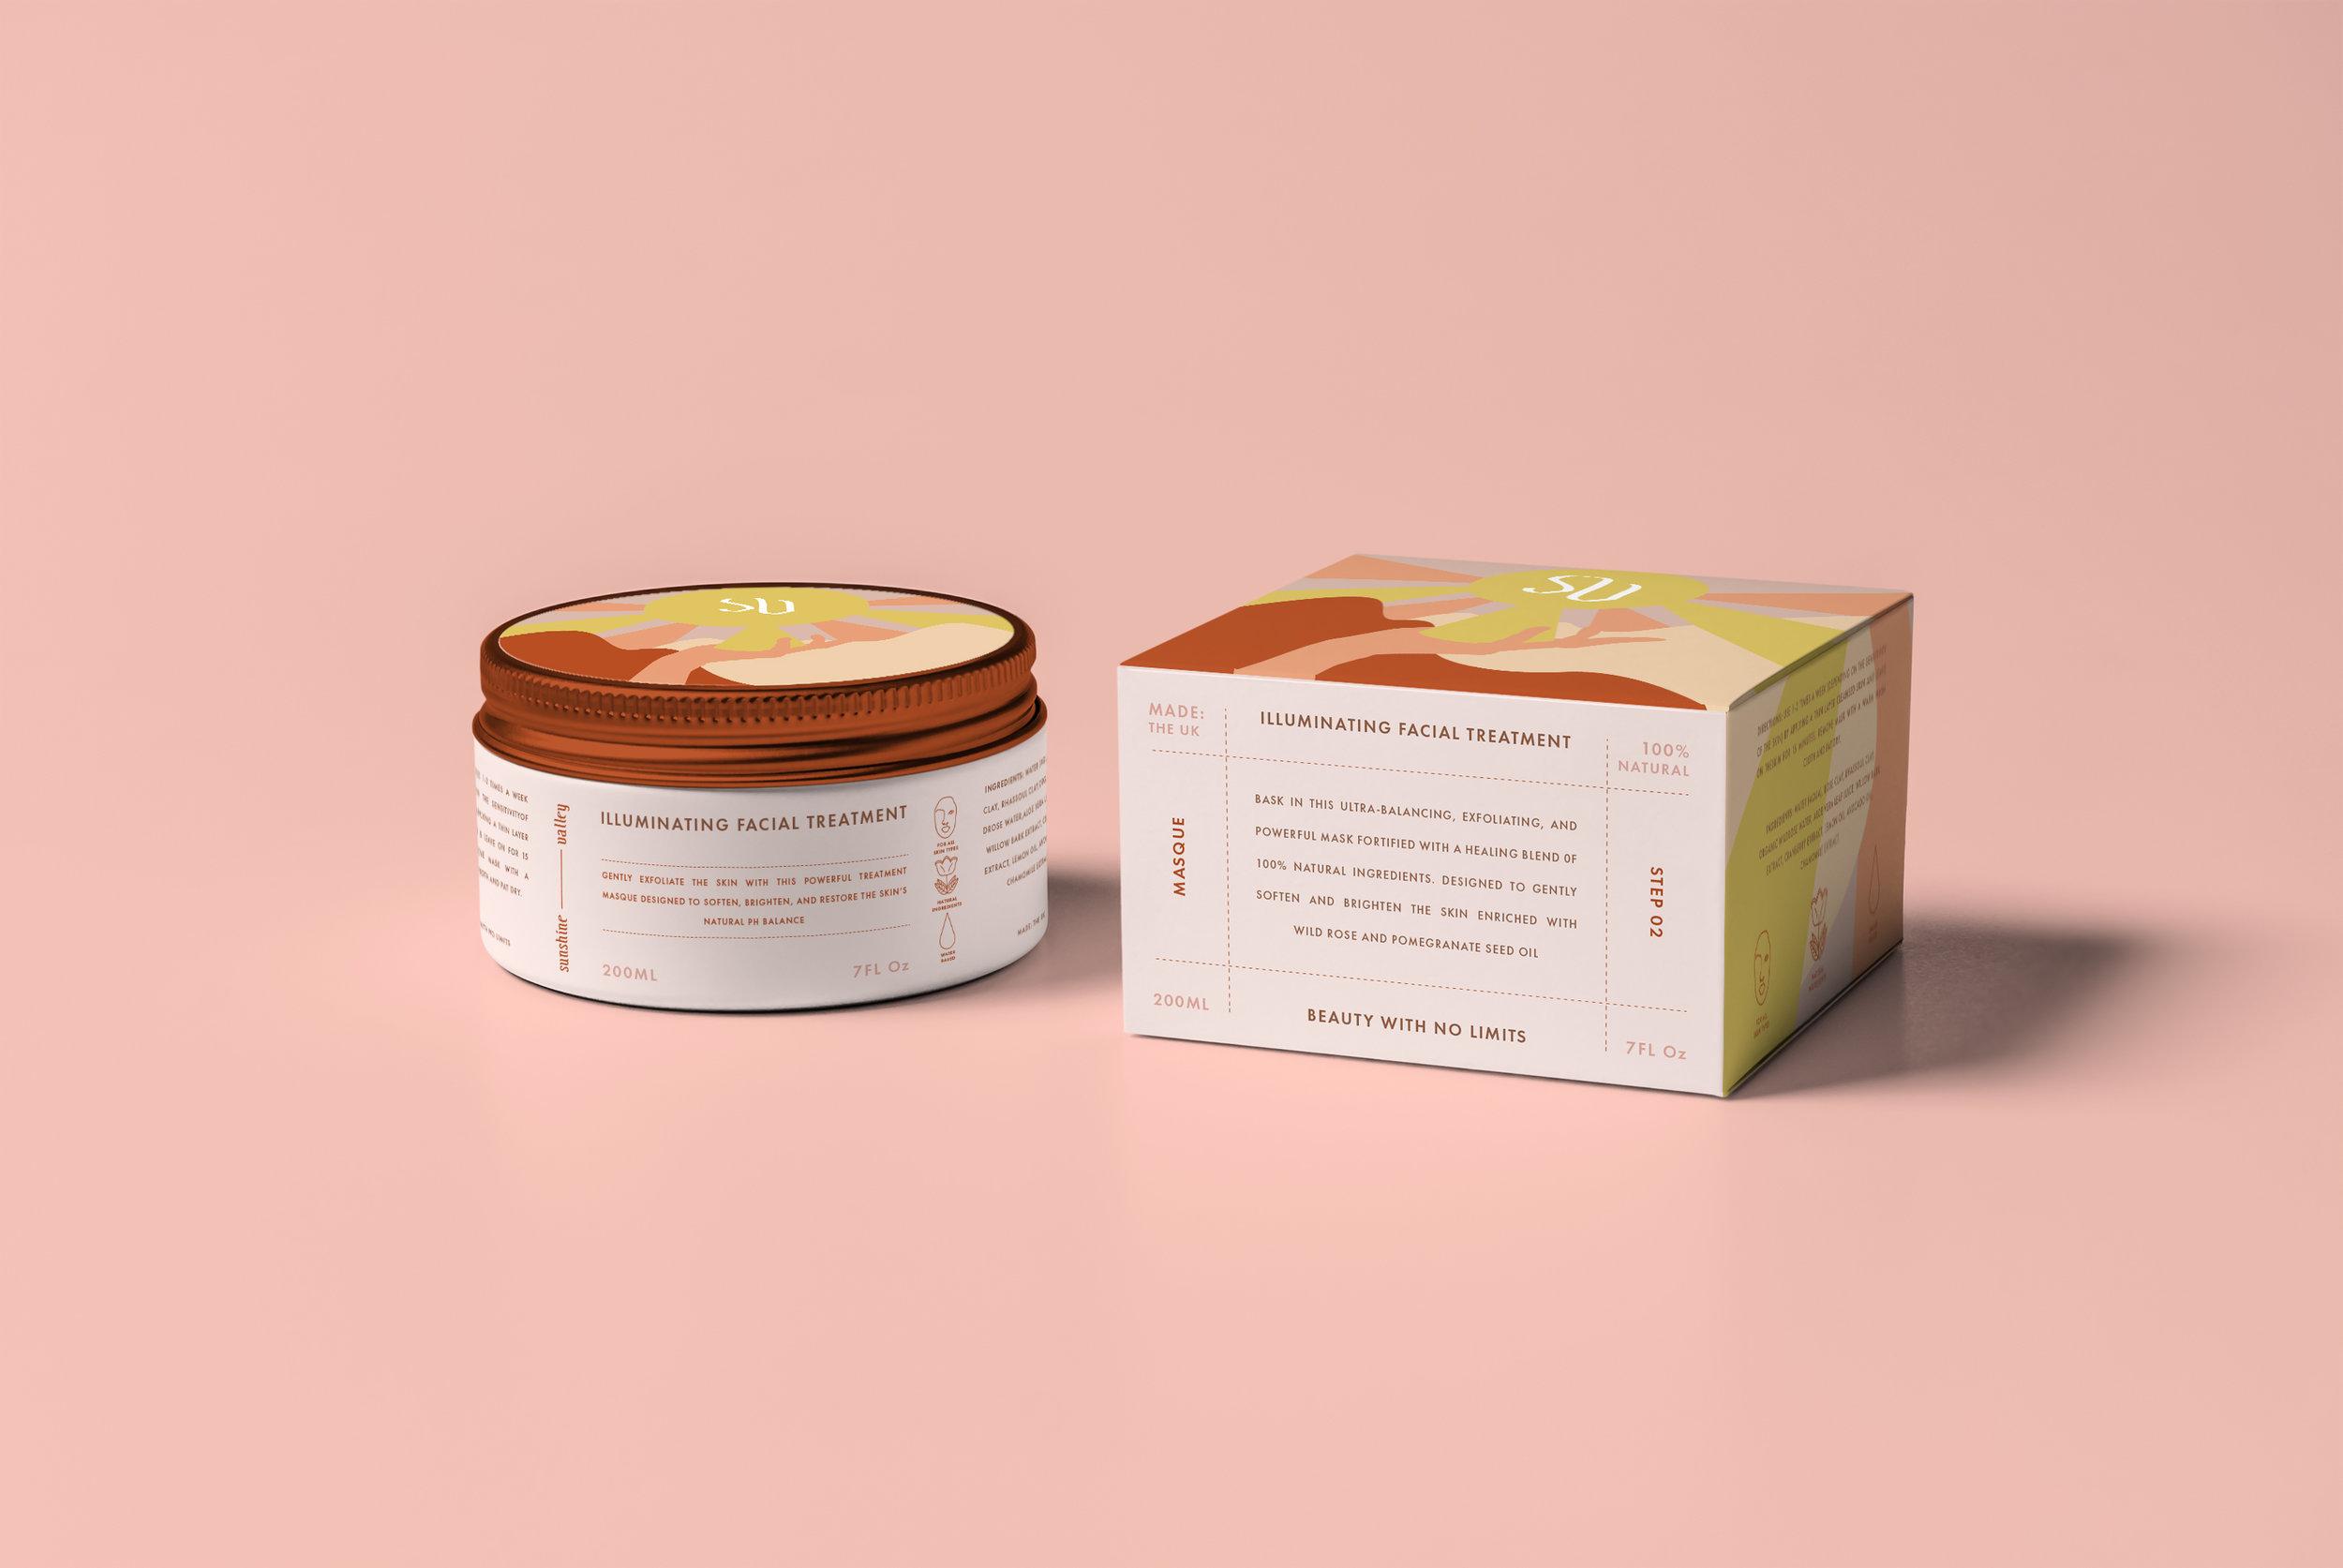 sunshine valley beauty - naming, brand development, logo & packaging design